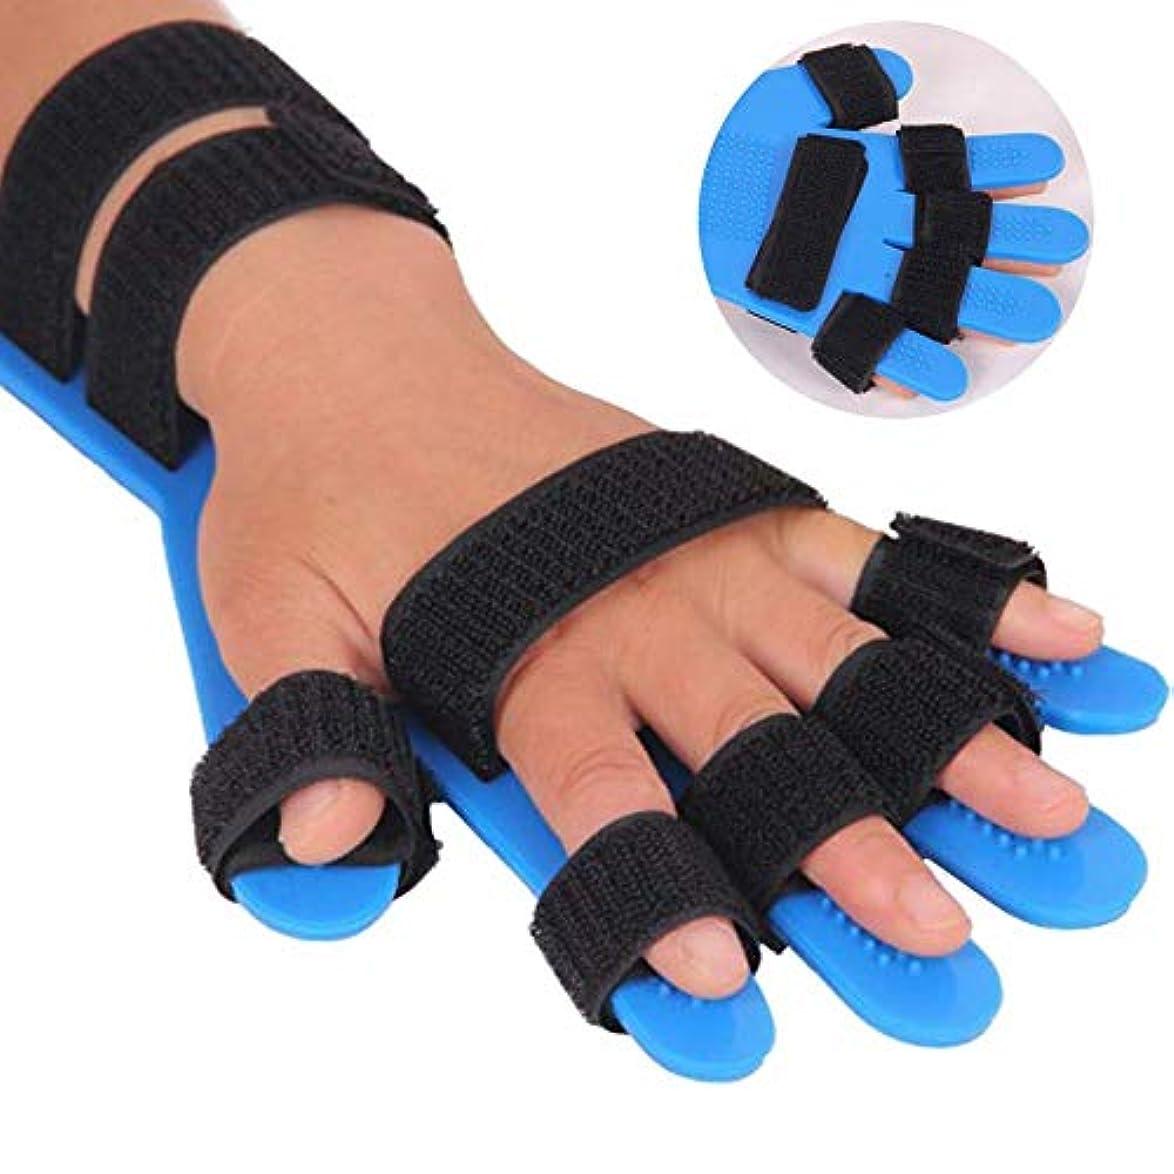 ドナウ川適合する先入観スプリント指指セパレーター、ばね指の添え木指、指インソールは、脳卒中/片麻痺/外傷性脳損傷のための指板、調節可能な手の指ボード装具スプリットフィンガートレーニングデバイスを、ポイント